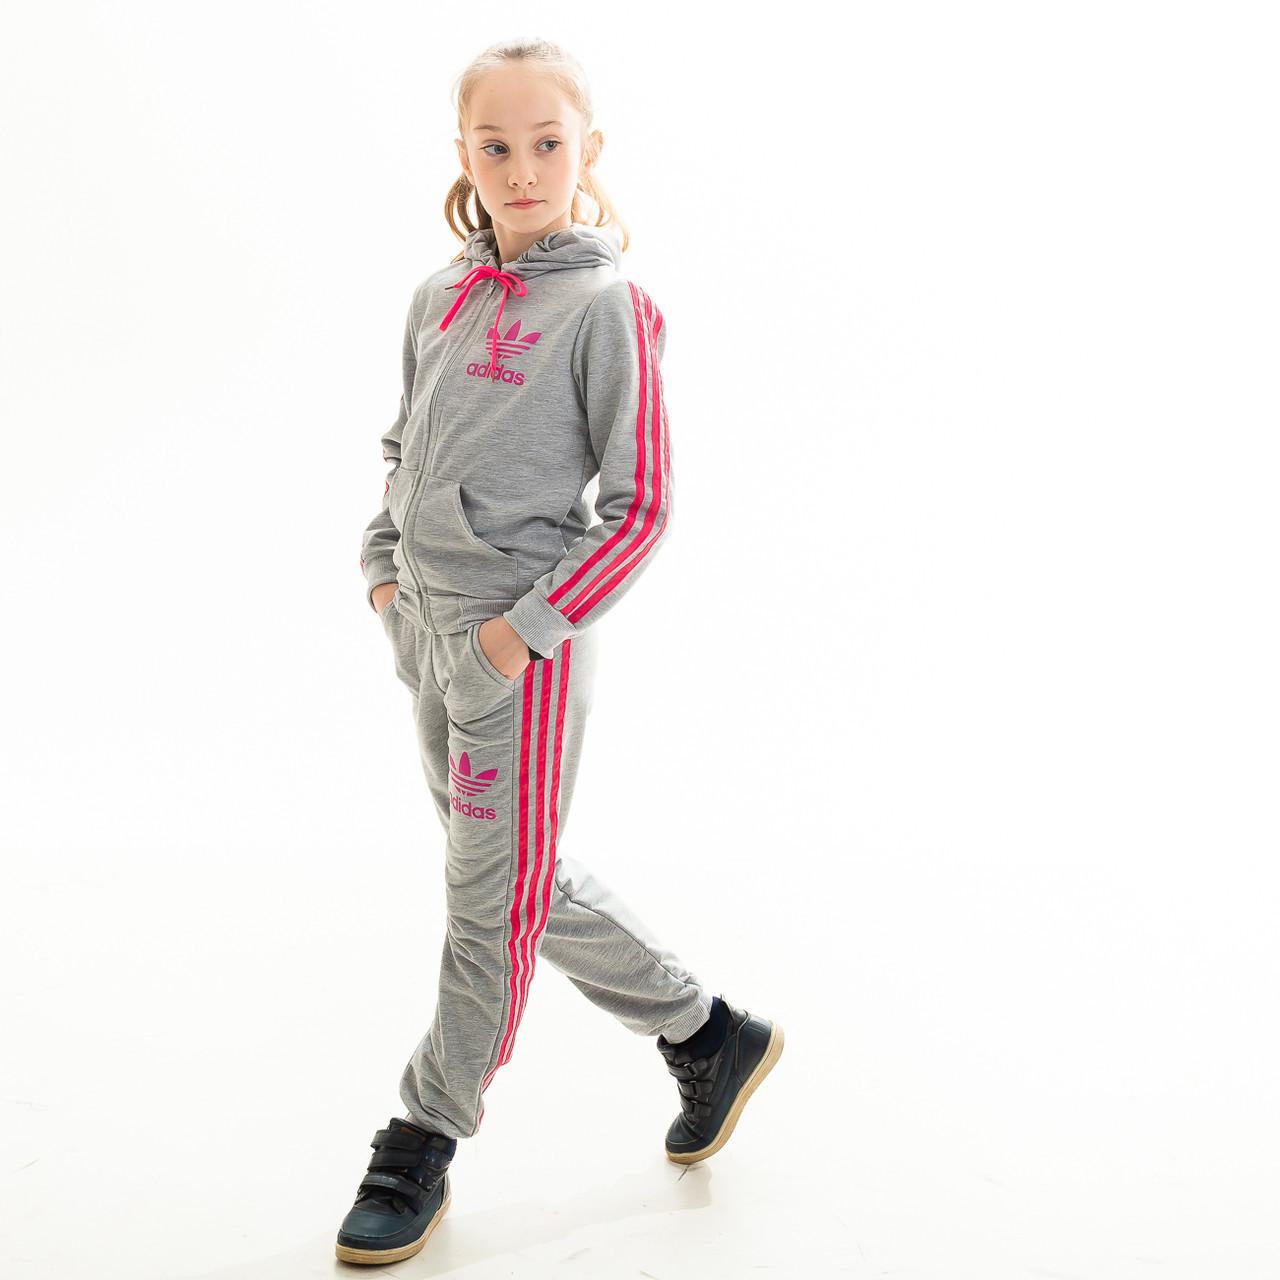 2e7468ec Спортивный костюм для девочки Adidas - Интернет магазин Детский МИРик ,  оптовые продажи по всей Украине